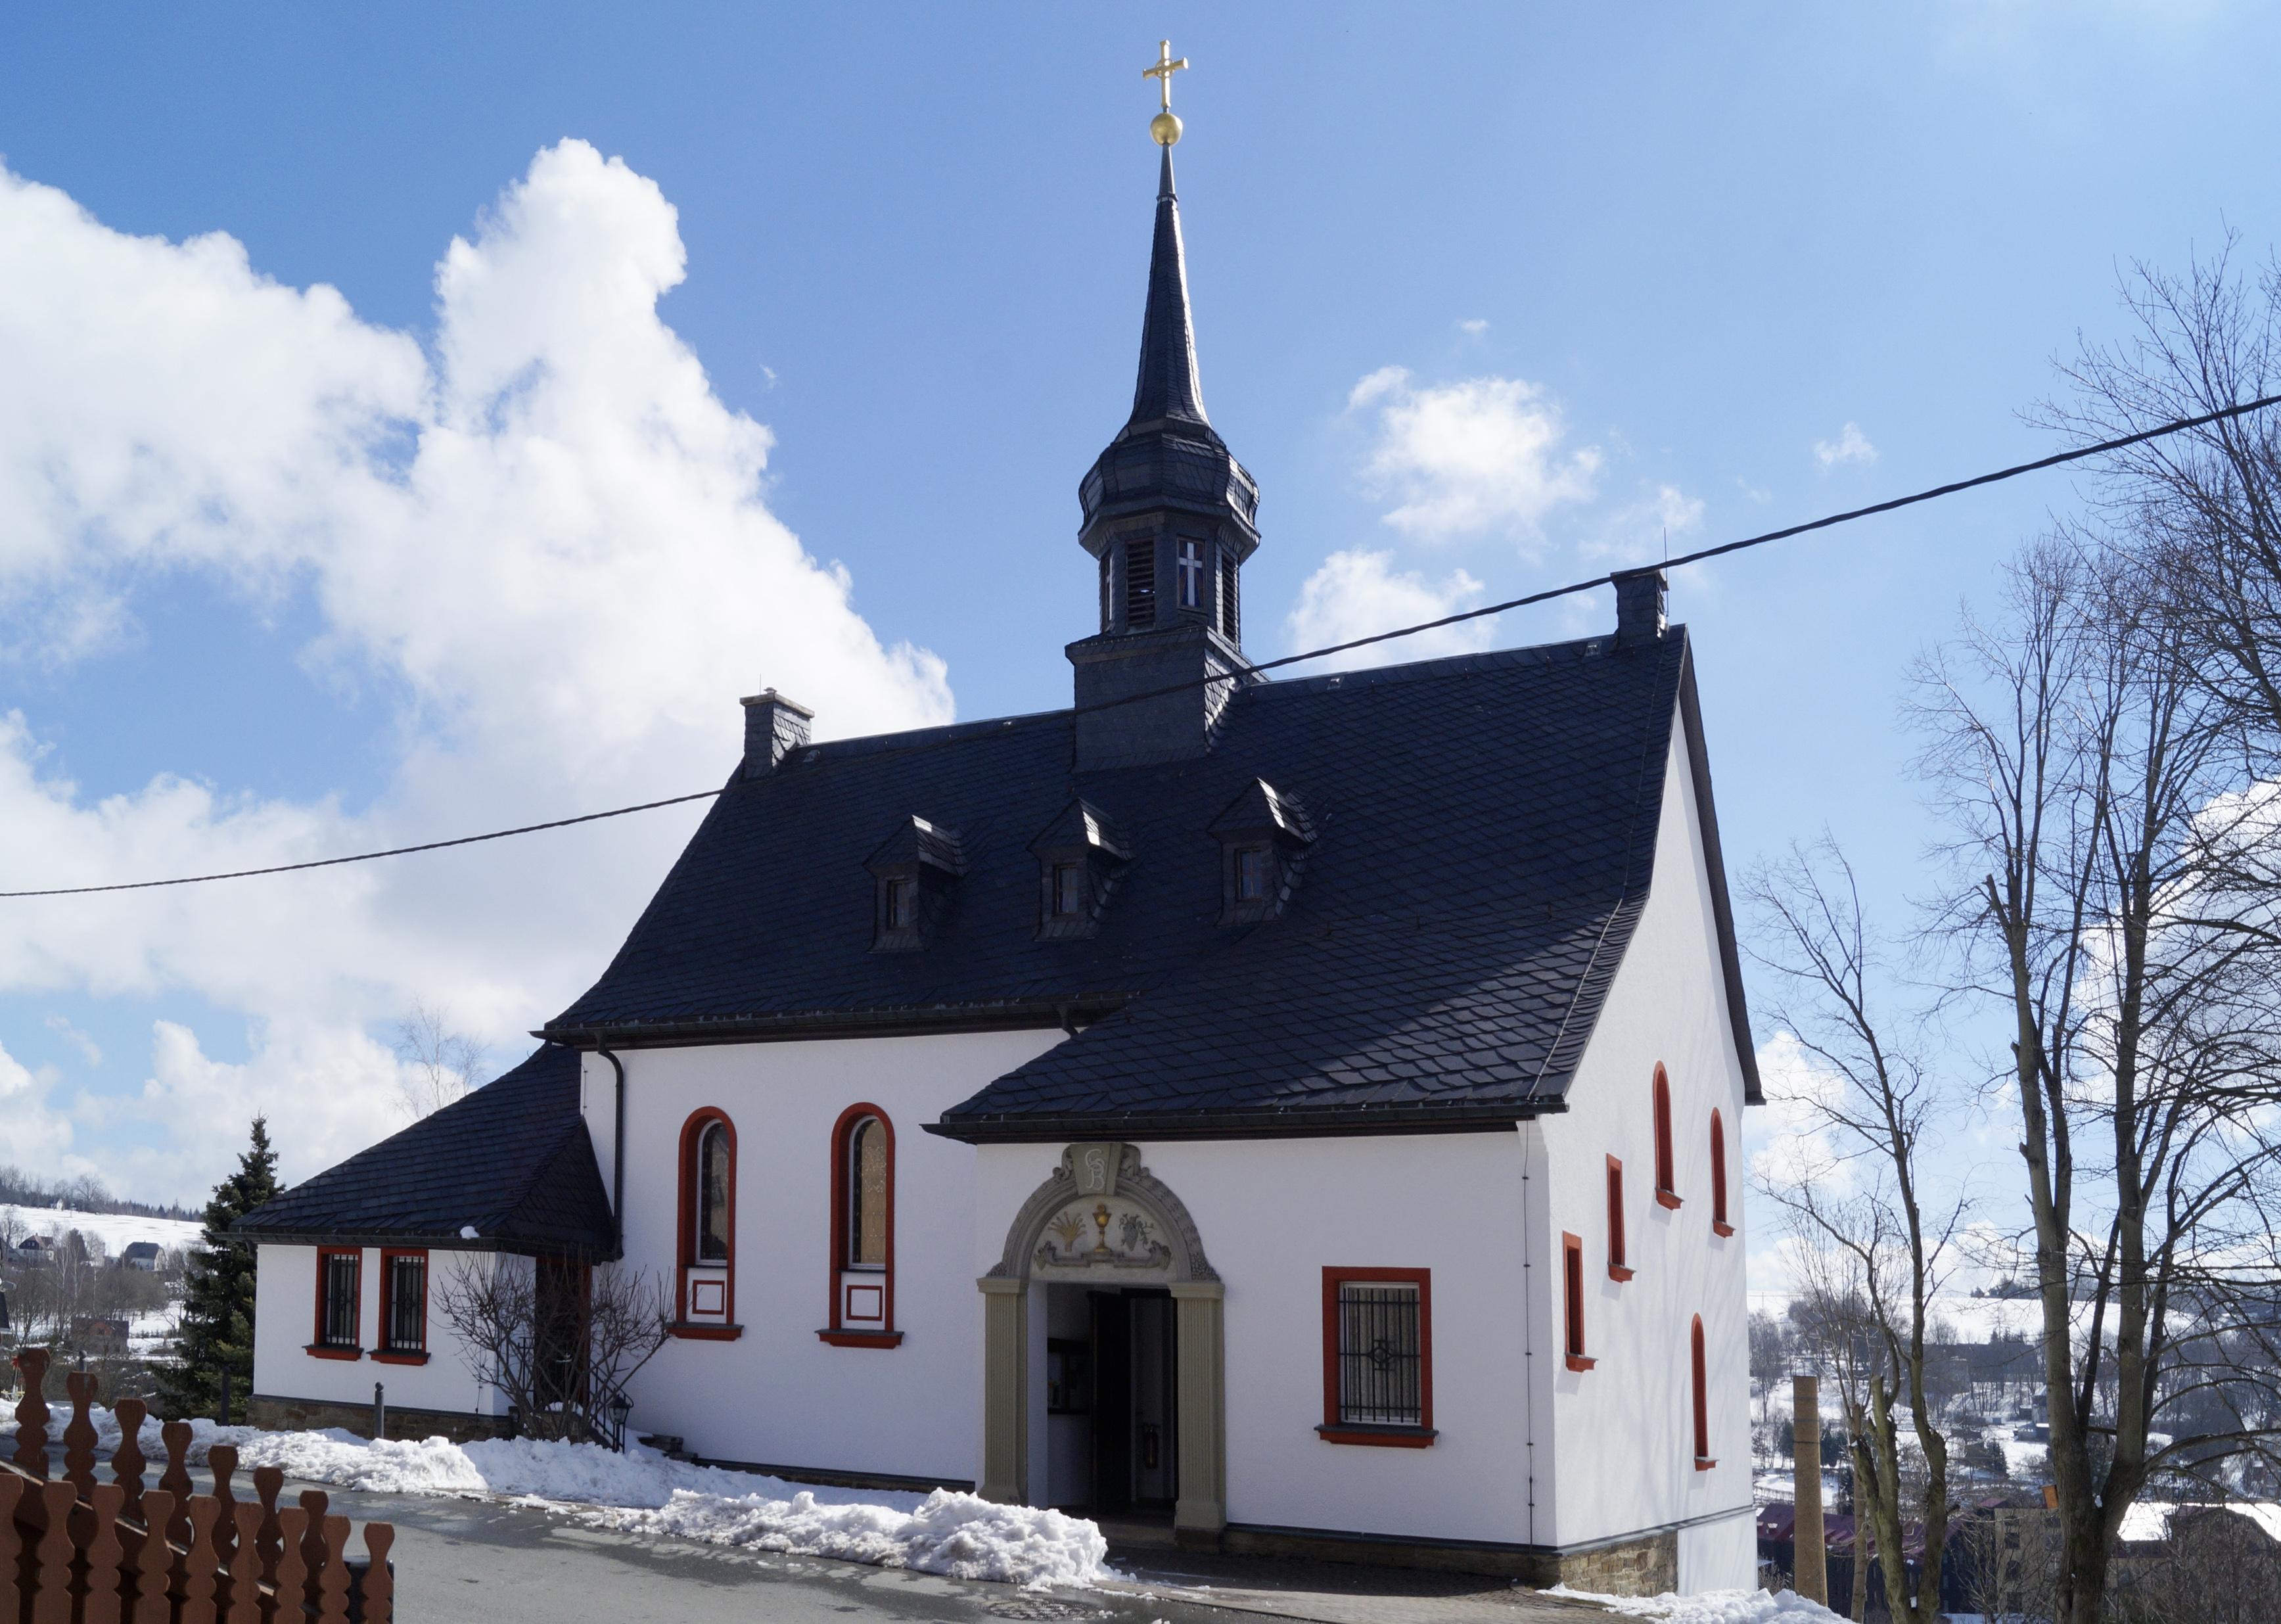 Bärenstein (Erzgebirgskreis)